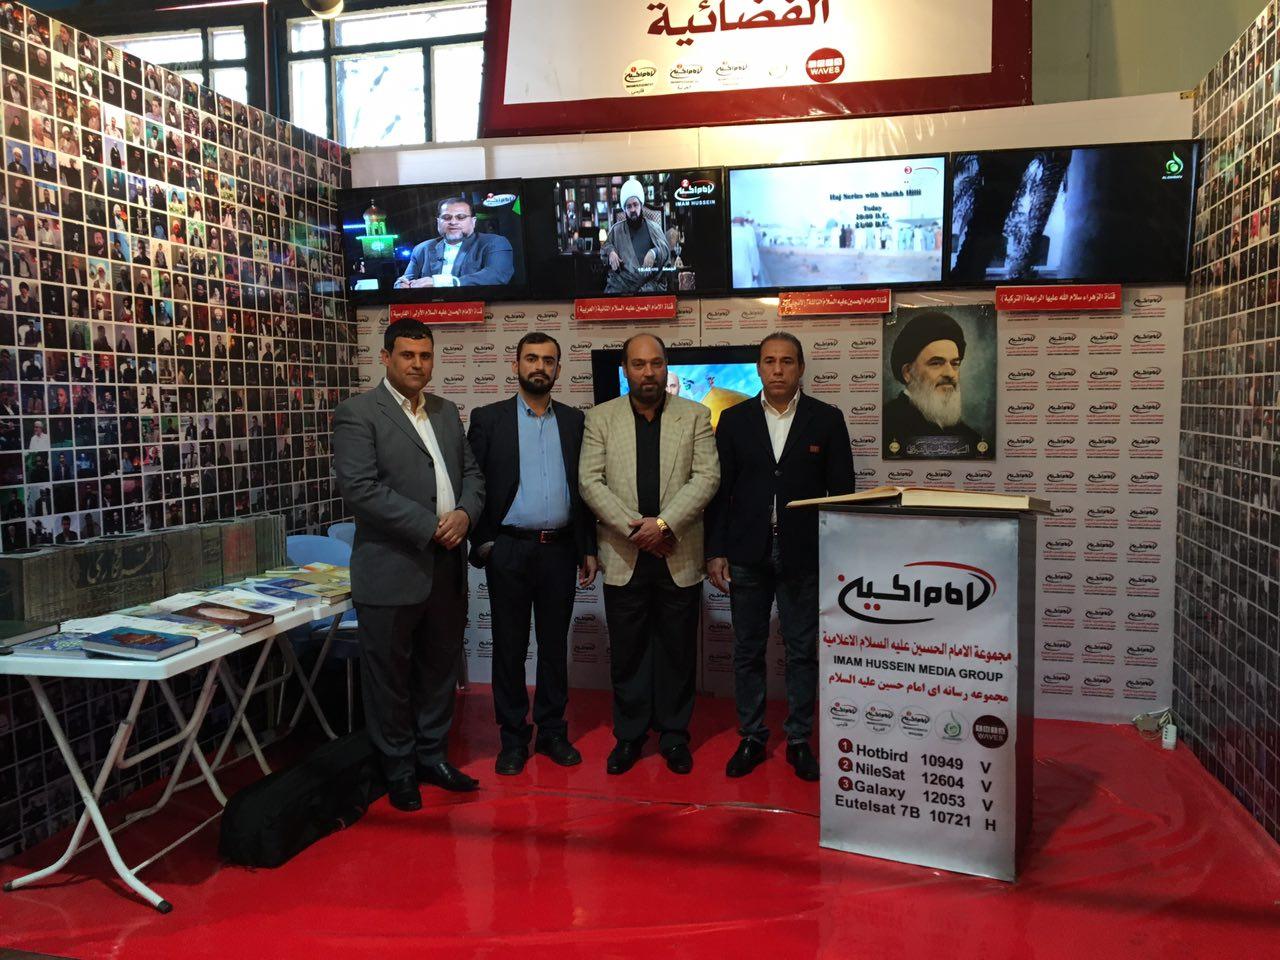 تصویر گزارش تصویری – استقبال از غرفه مجموعه رسانه اي امام حسين عليه السلام در چهارمین دوره از نمایشگاه بین المللی کتاب بغداد